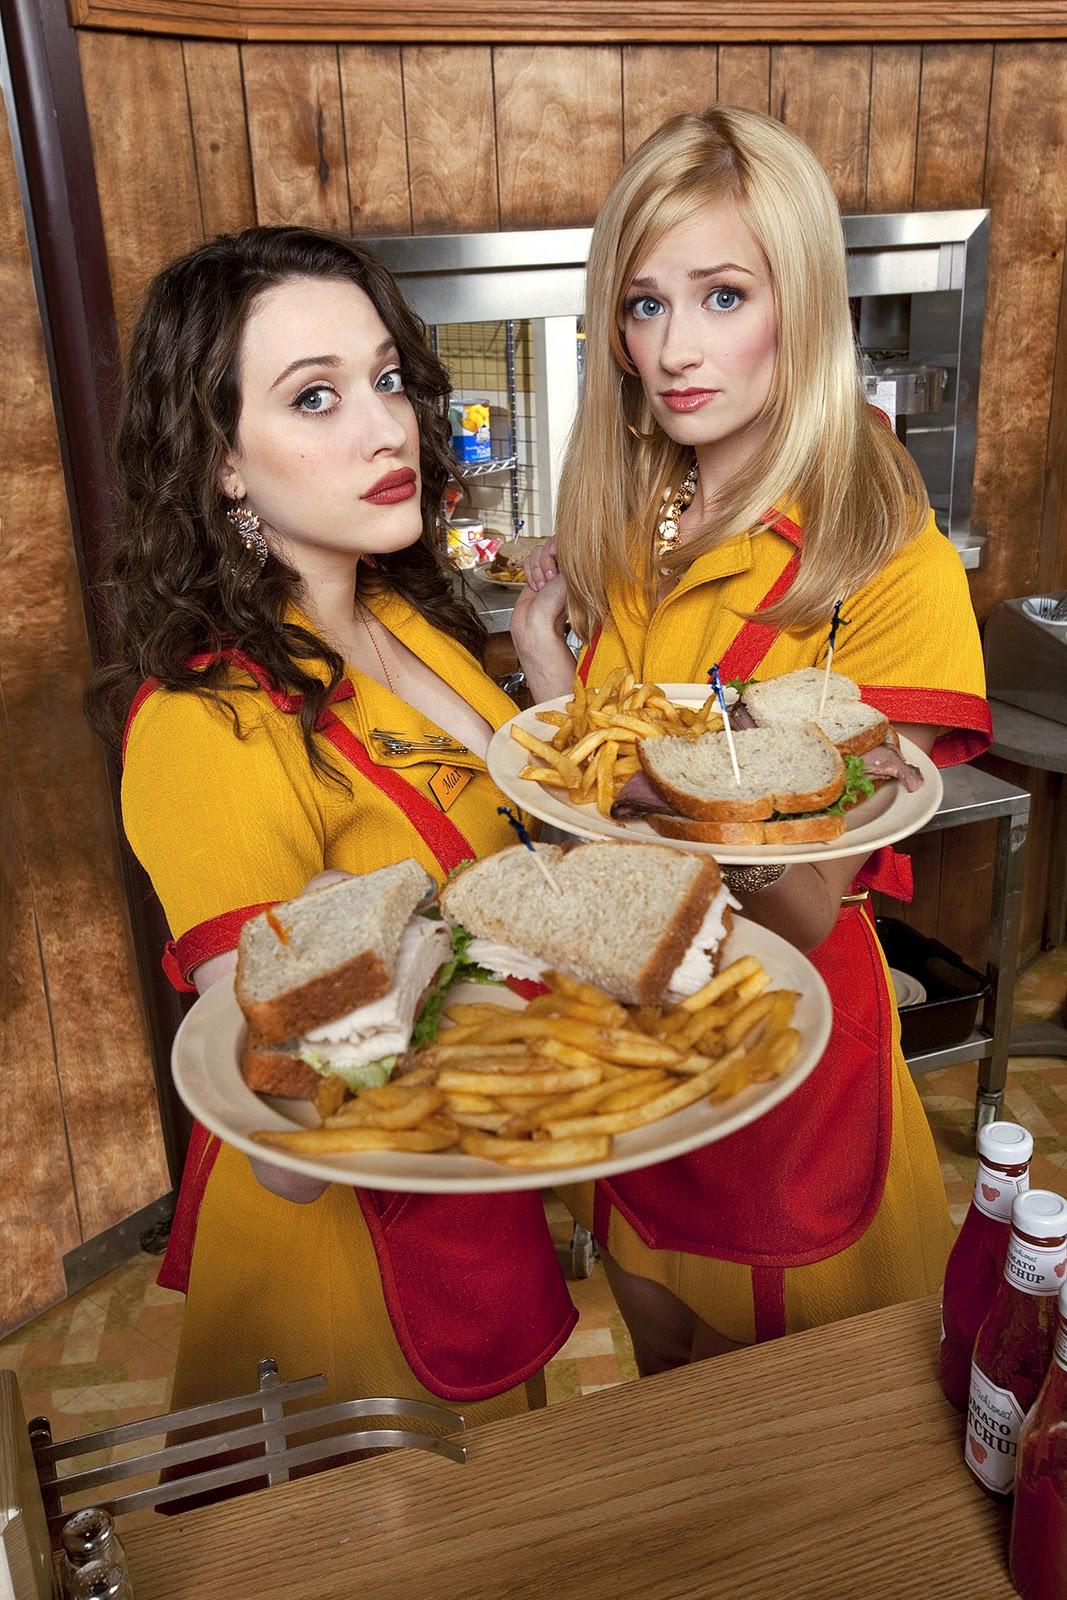 http://3.bp.blogspot.com/-I_aThcYGq6o/Tpmw7IG03gI/AAAAAAAAF5c/Q26I5LuZK3M/s1600/2+Broke+Girls+Image.jpg